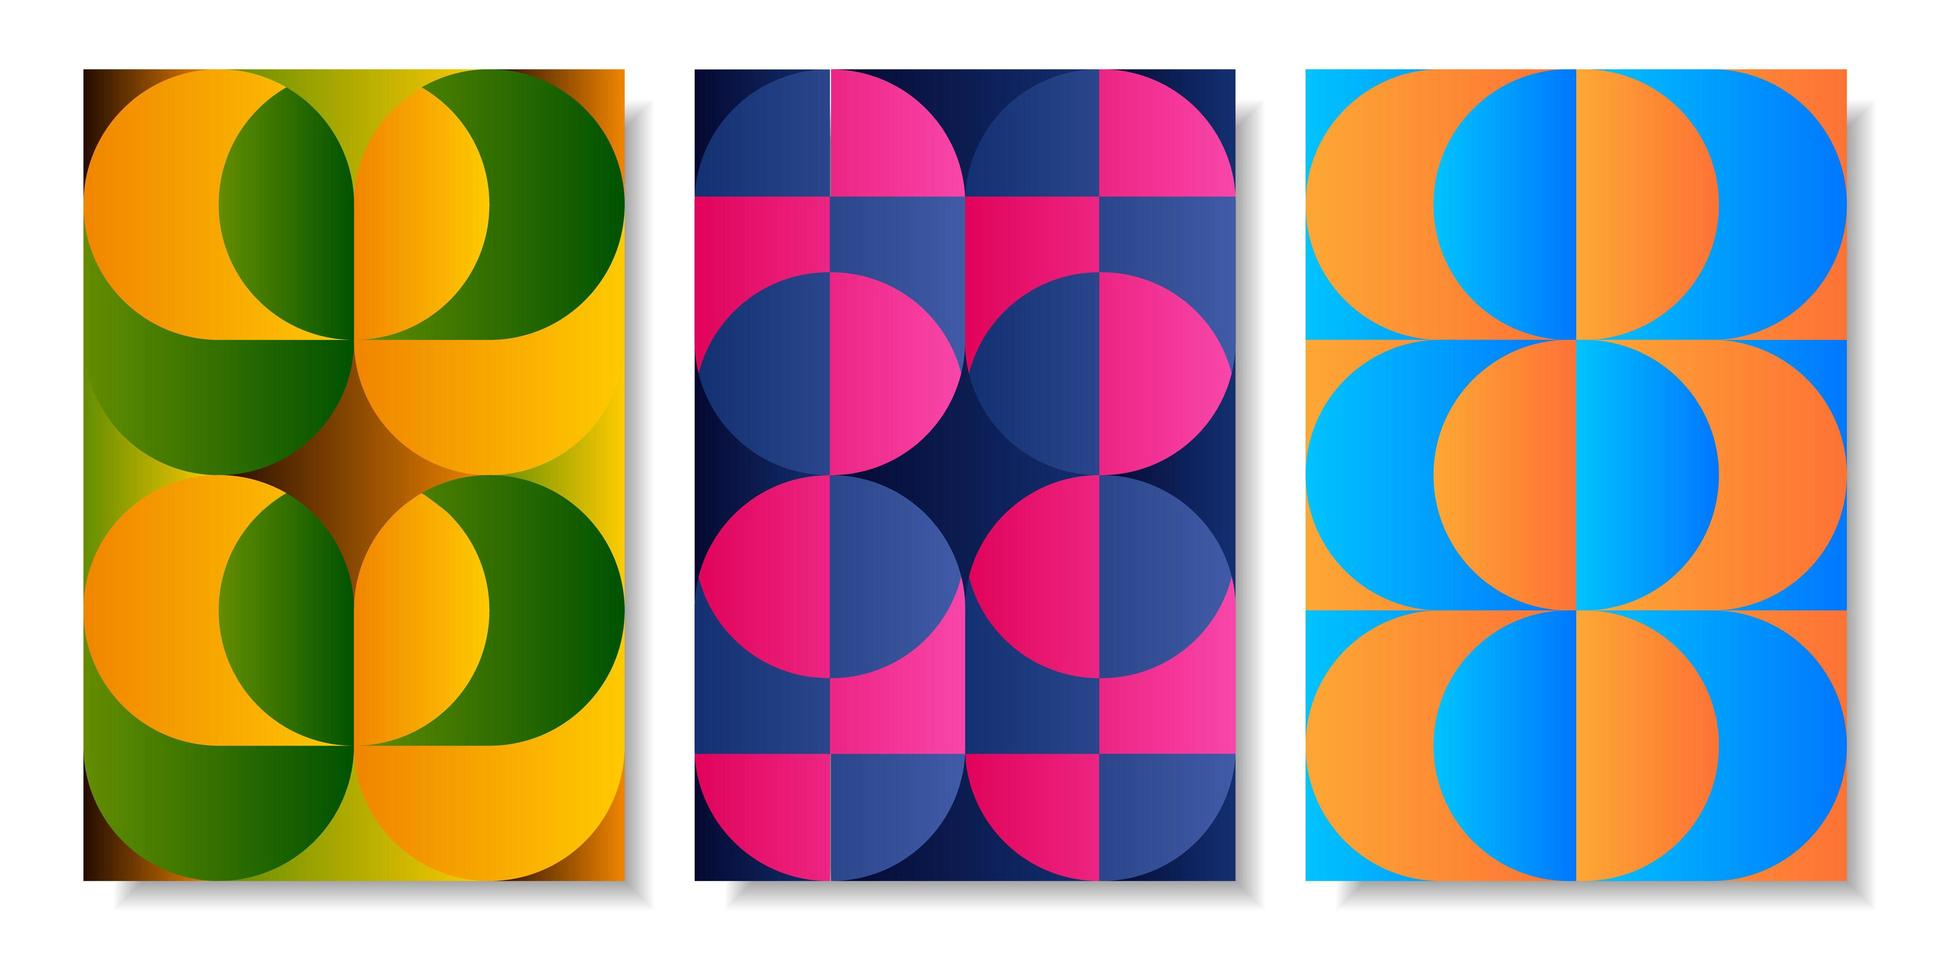 jeu de cartes rétro géométrique abstrait coloré vecteur